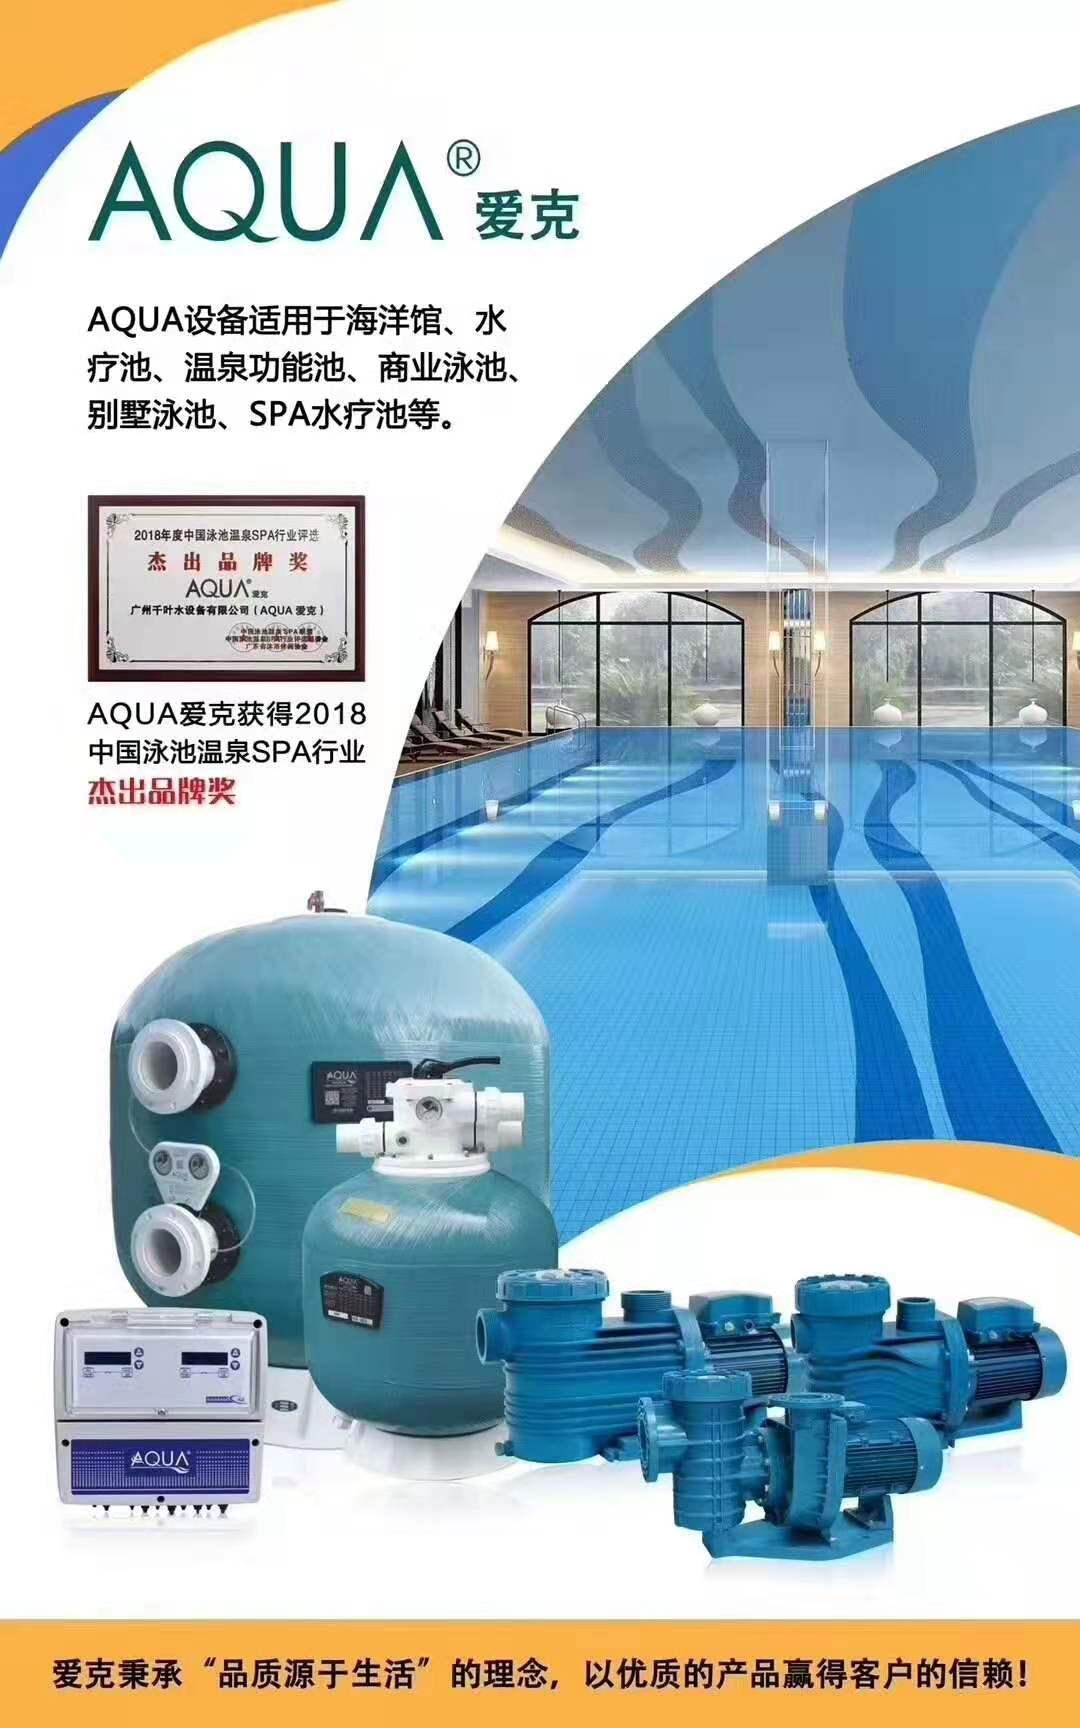 贵州贵阳游泳池设备 温泉设备空气能价格温泉水循环设备厂家直发